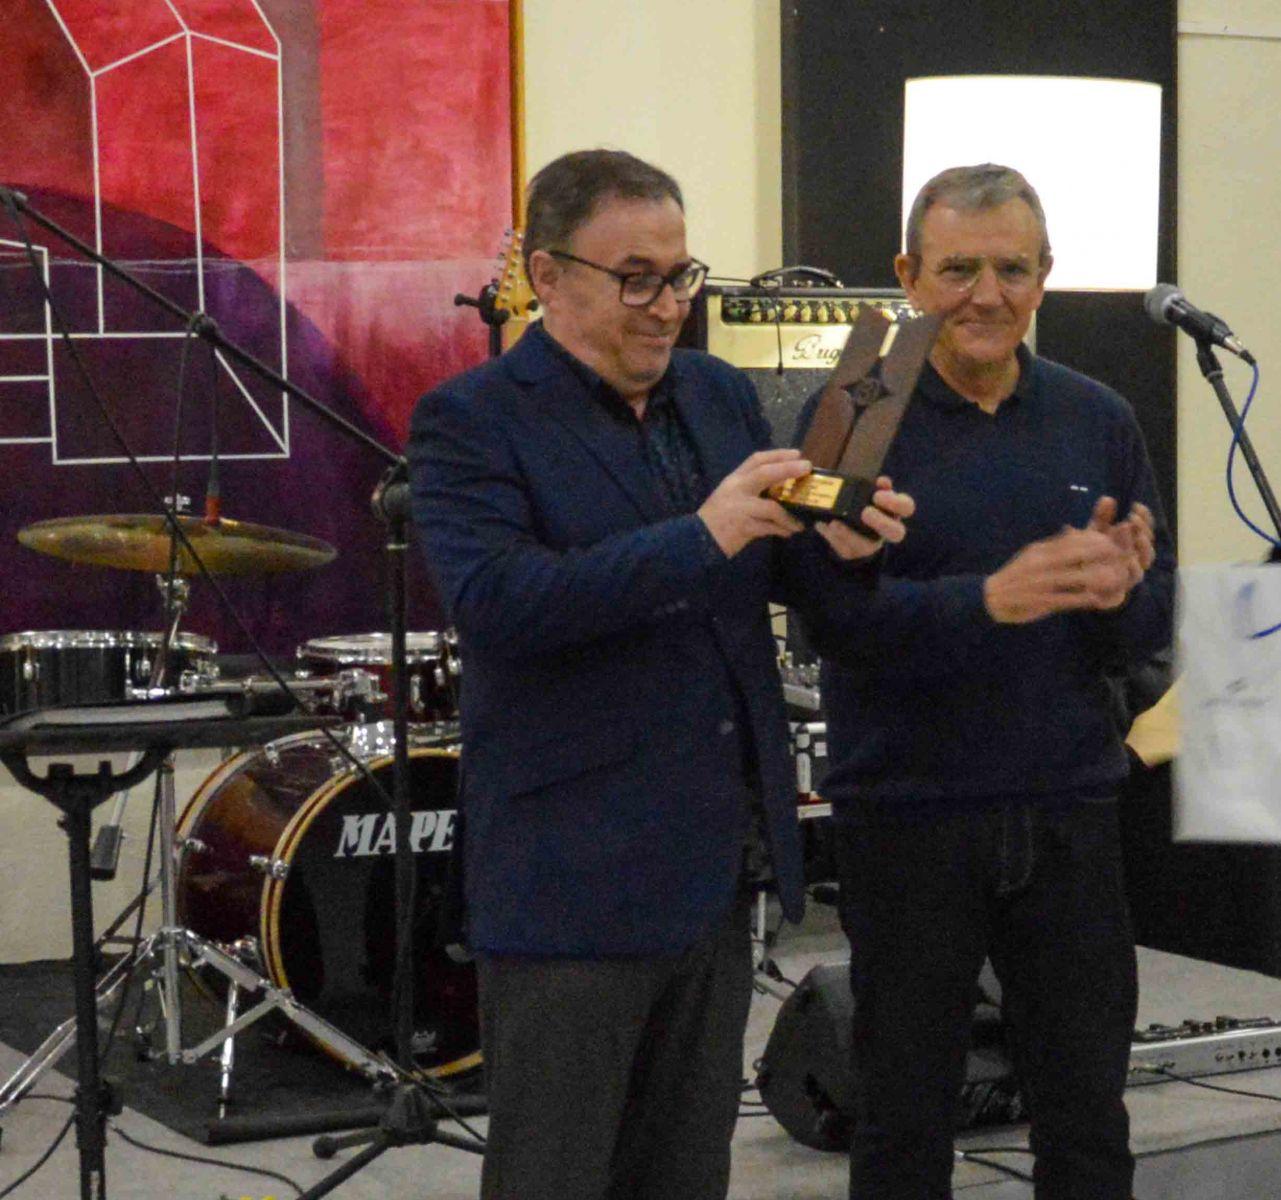 BETELGEUX-CHRISTEYNS homenajea a Enrique Orihuel por su jubilación